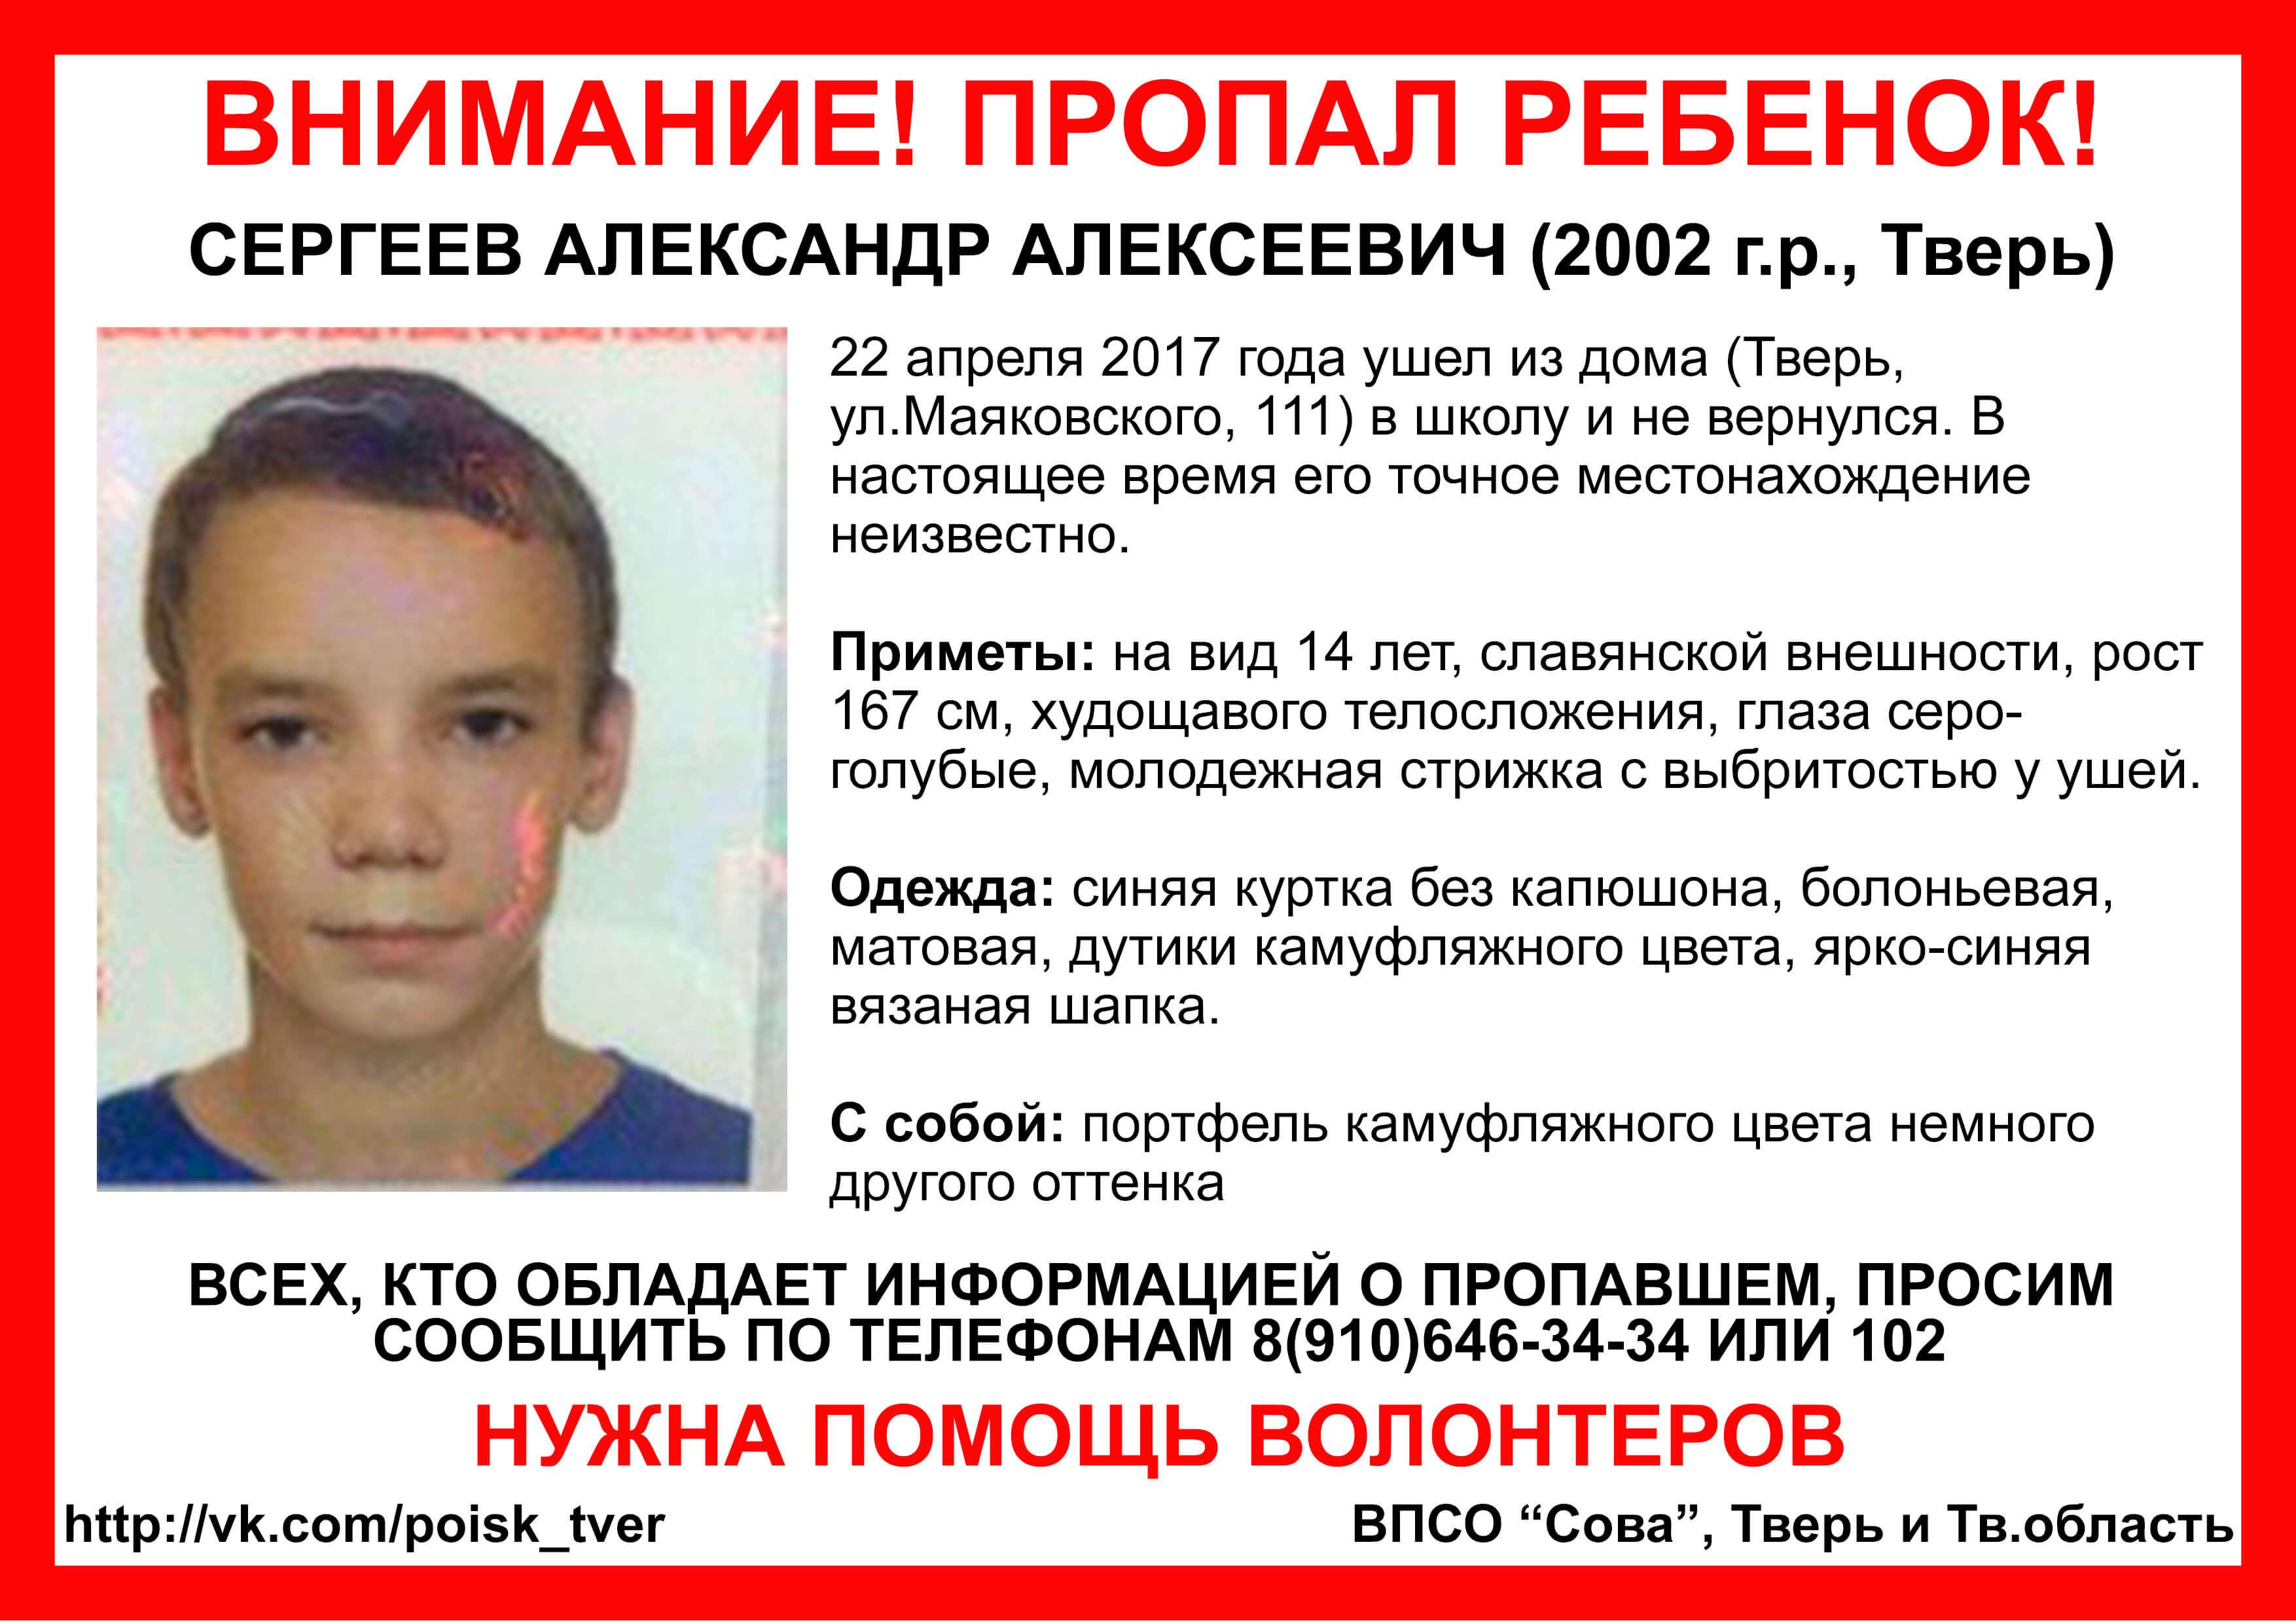 Пропавшие дети сайт фото